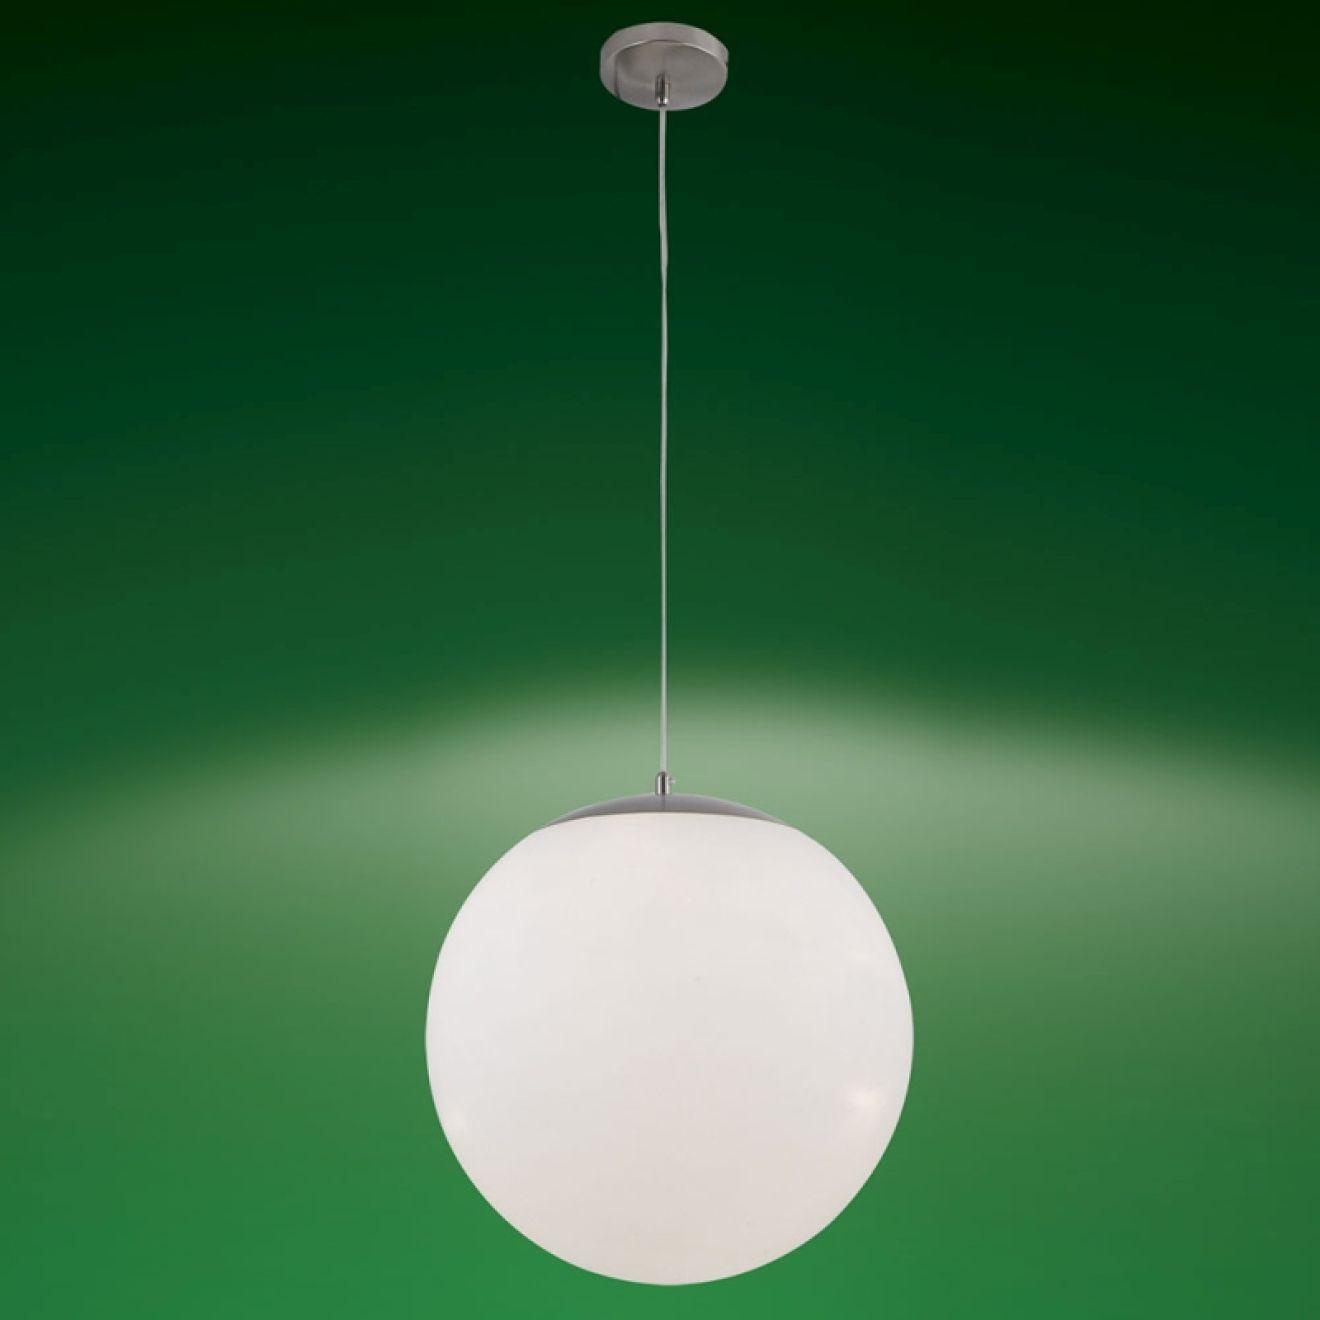 bong h ngeleuchte kugel gro von fabas luce. Black Bedroom Furniture Sets. Home Design Ideas